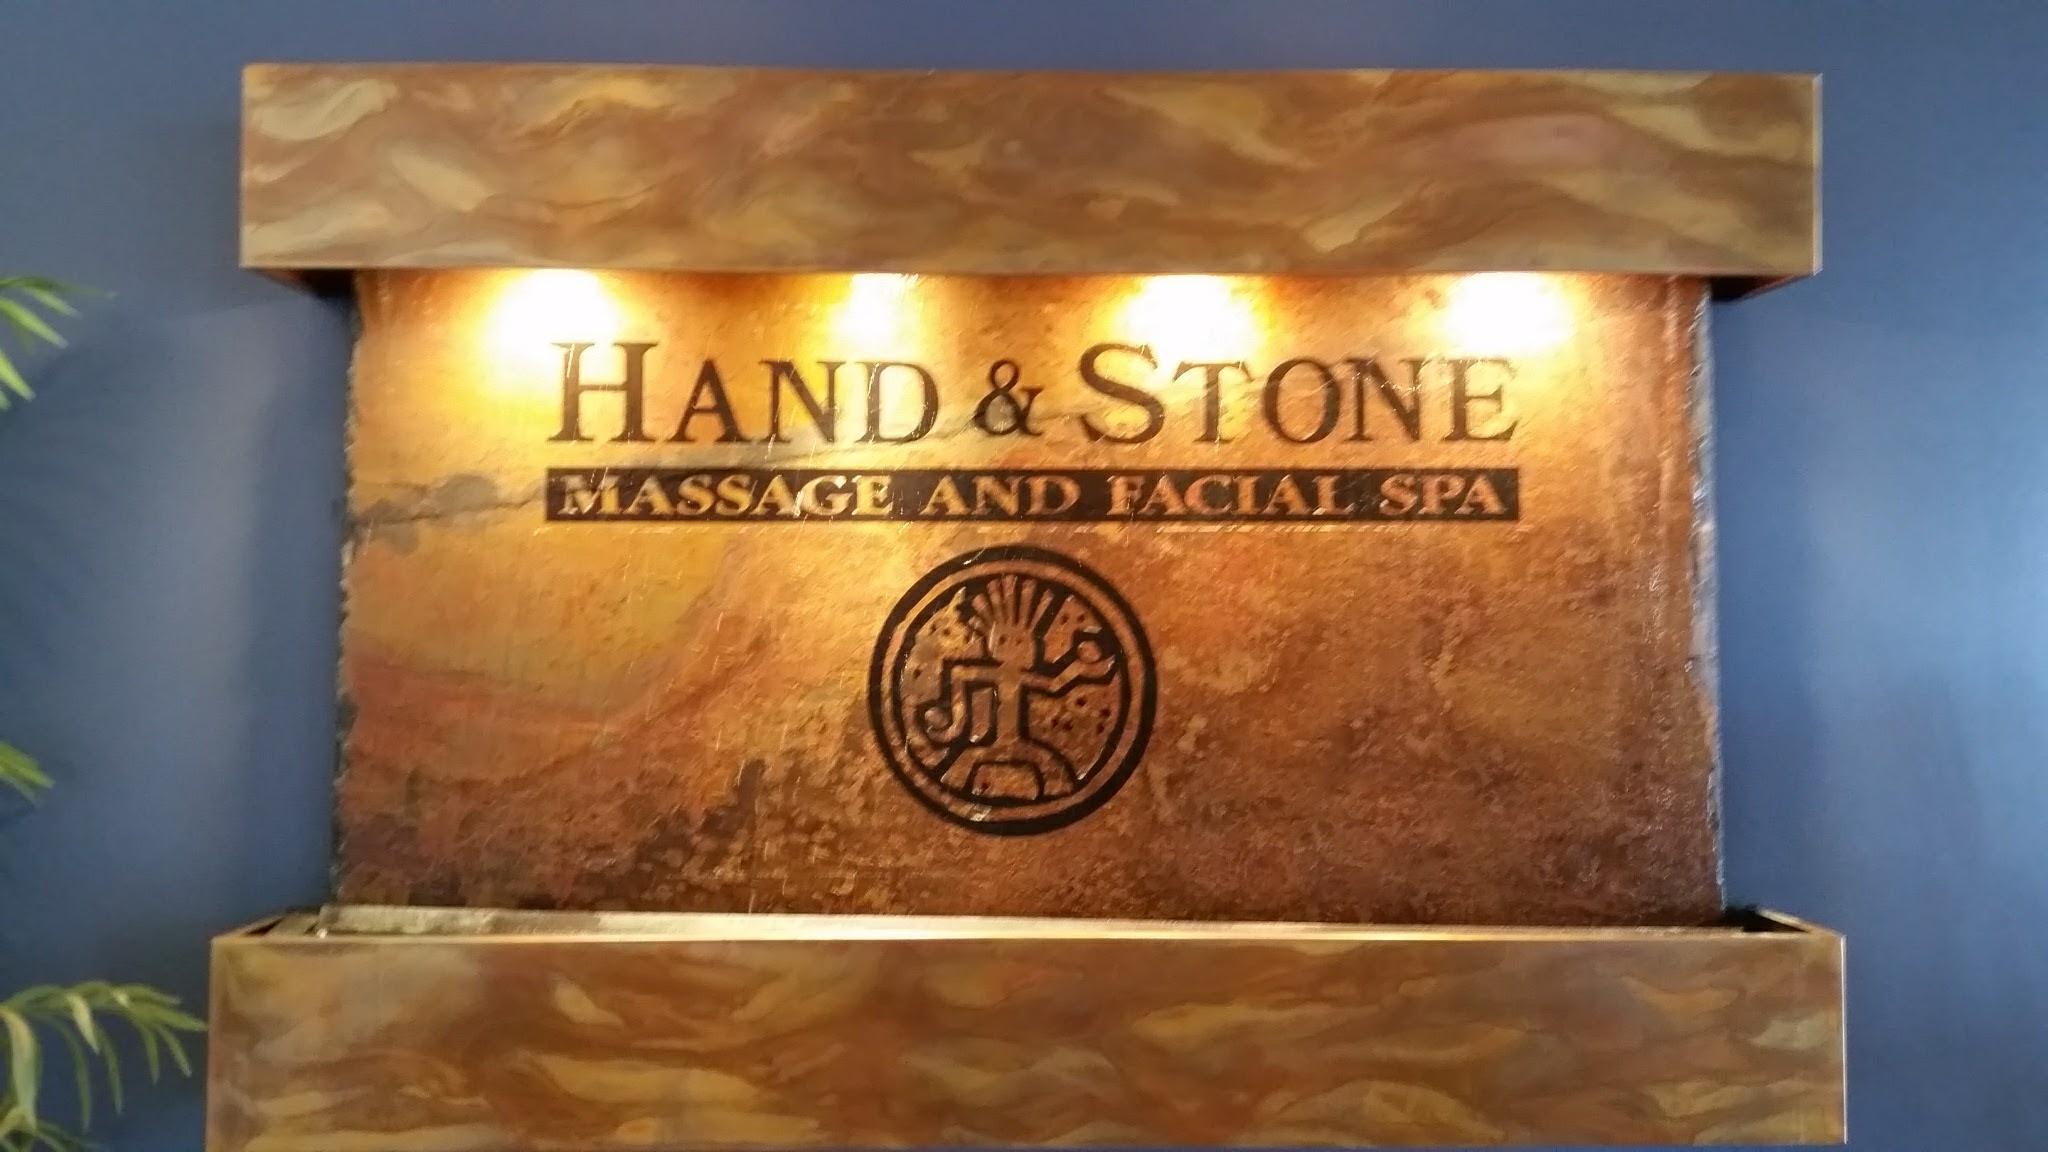 Hand & Stone Massage and Facial Spa Coupons Arlington TX ...